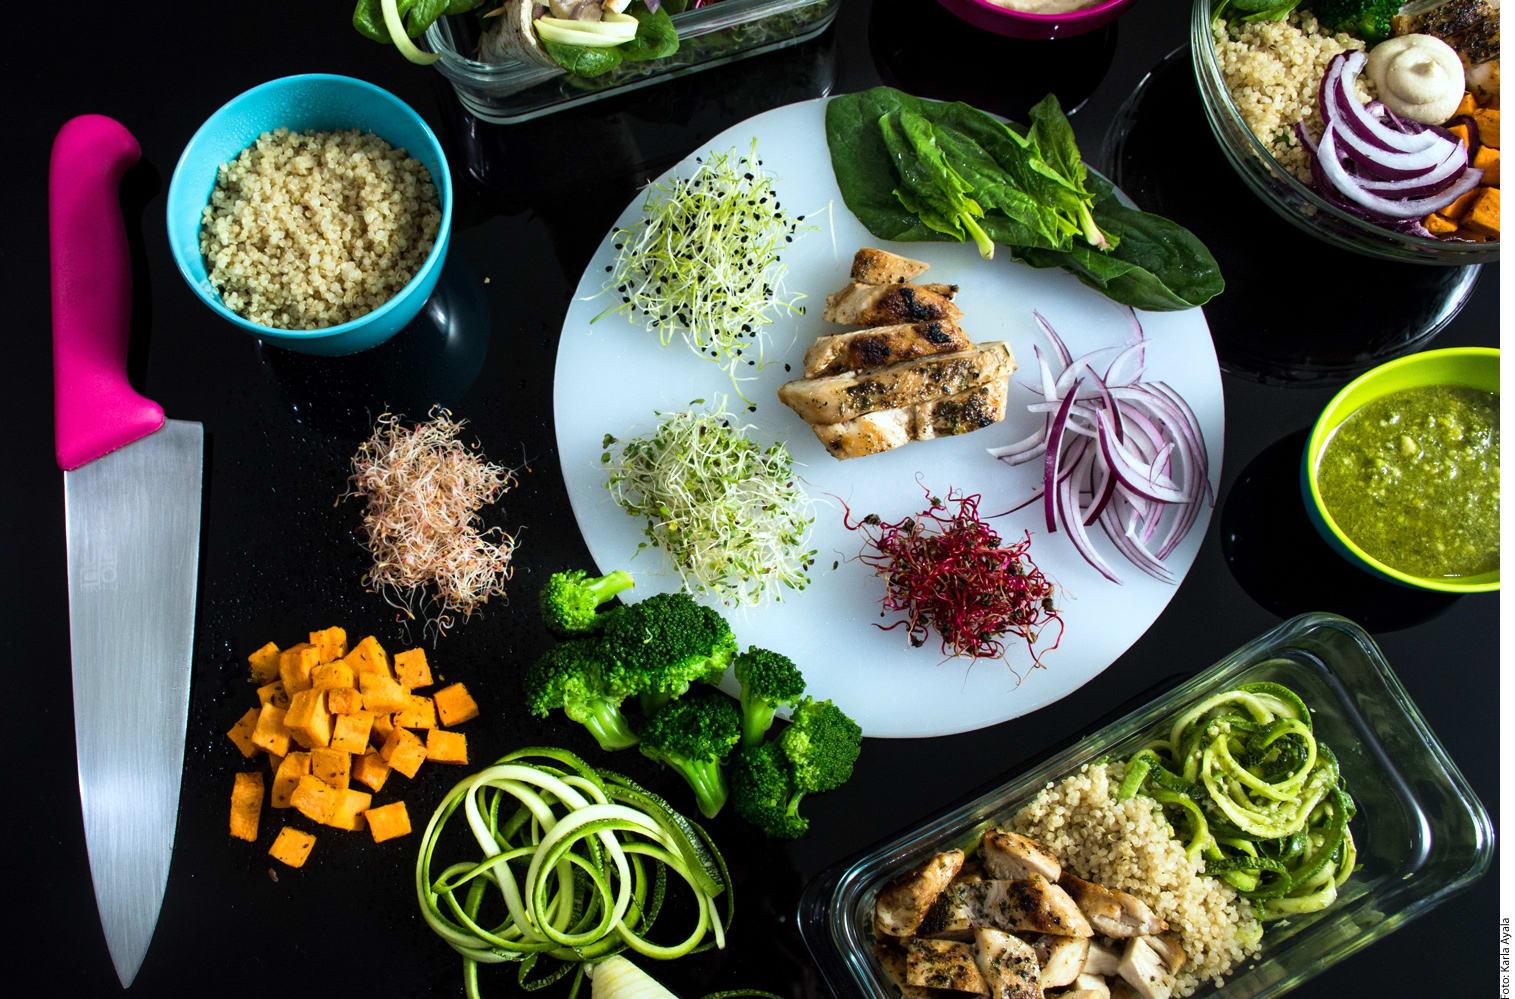 Consejos a la hora de elegir qué comida llevar a la oficina para el 'lunch'